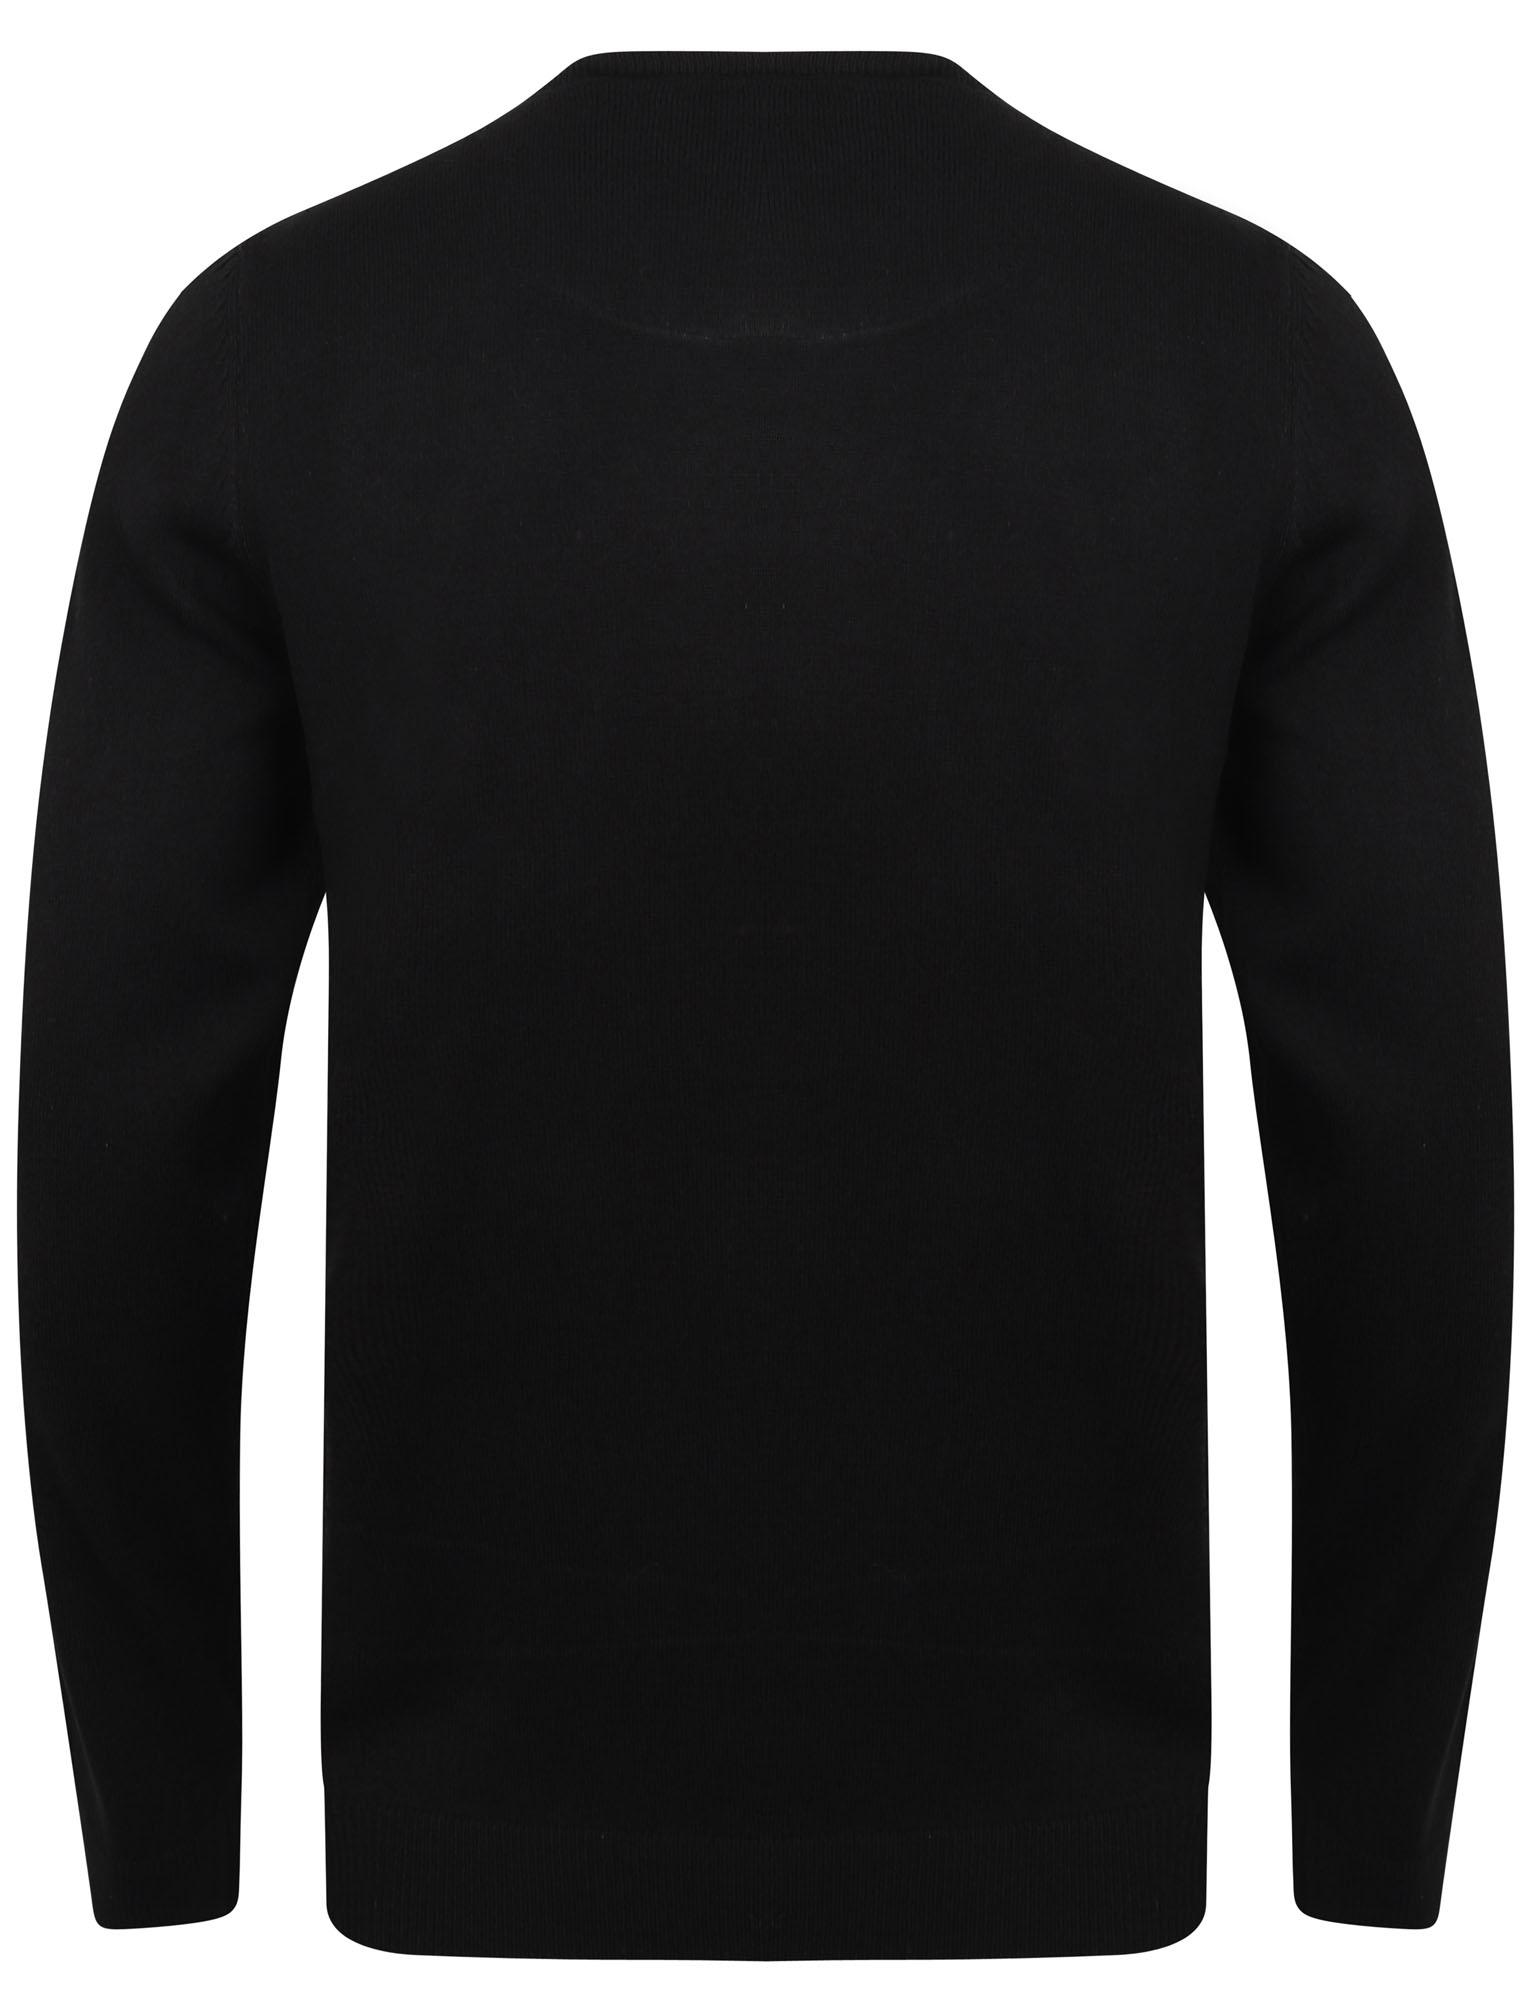 Kensington-Eastside-Men-039-s-Knitted-Crew-or-V-Neck-Jumper-Sweater-Top-Pullover thumbnail 19